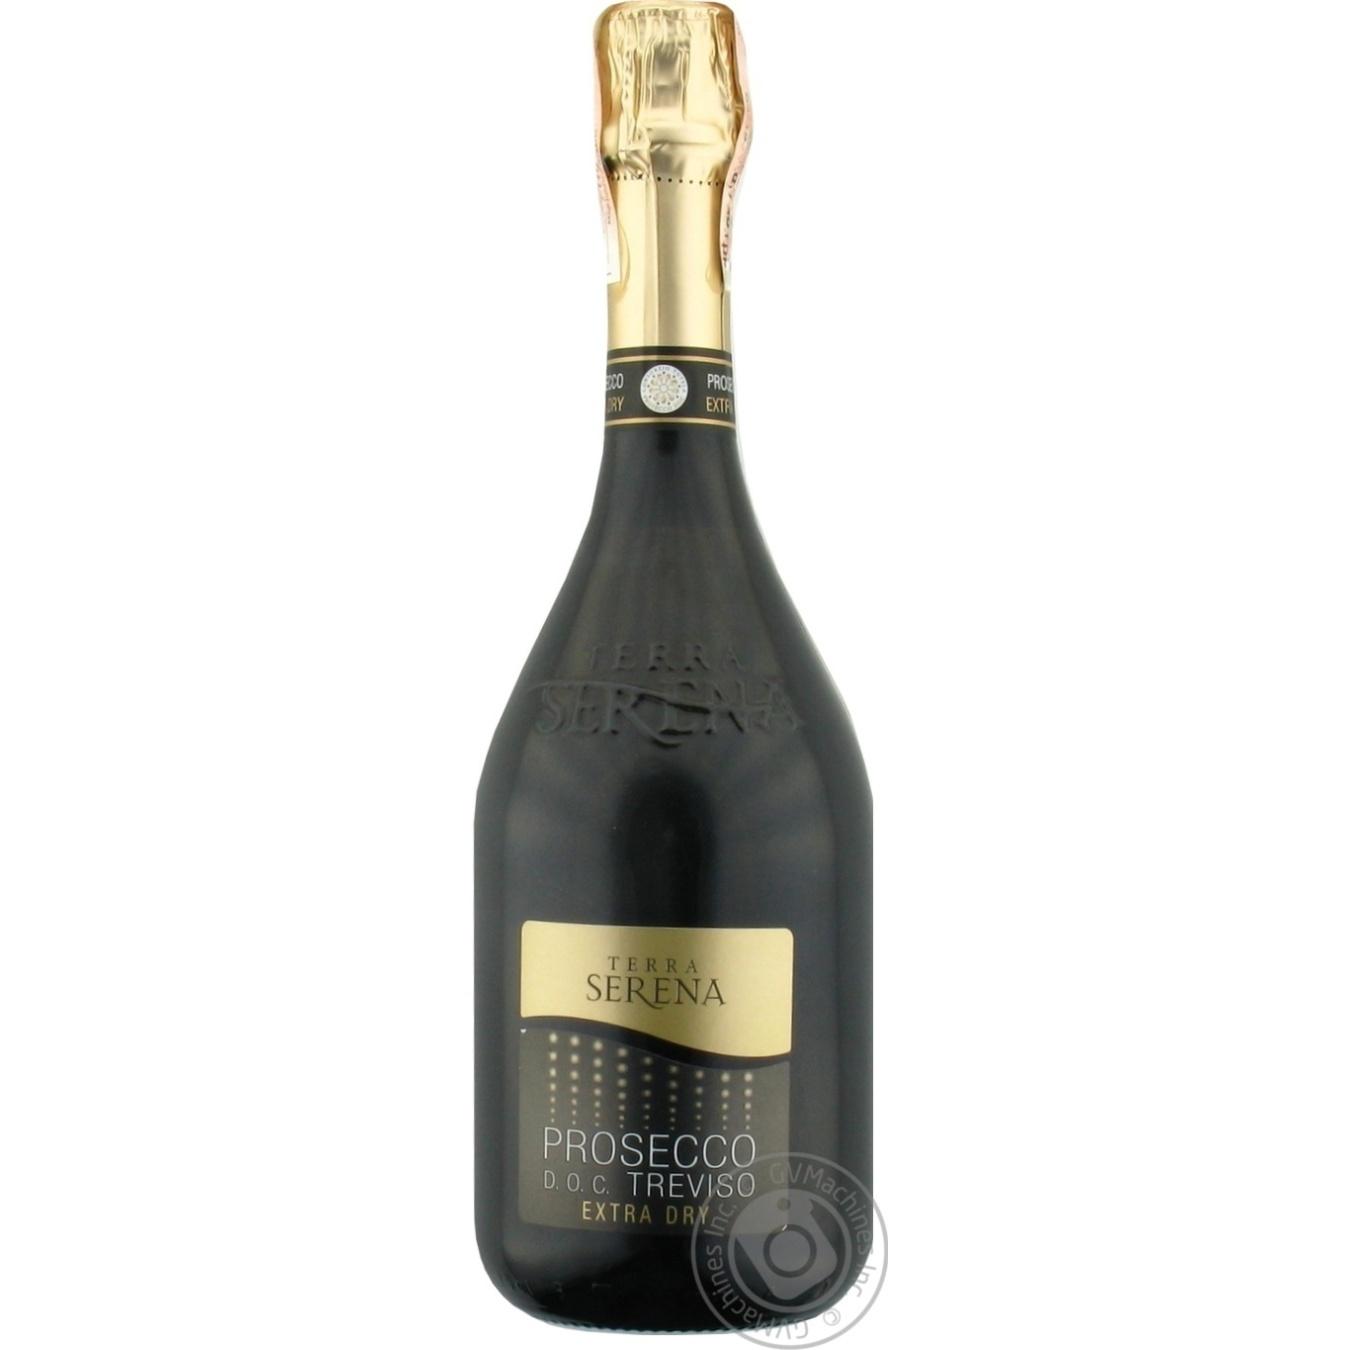 Купить 499676, Вино игристое Terra Serena Prosecco Spumante белое сухое 11% 0, 75л